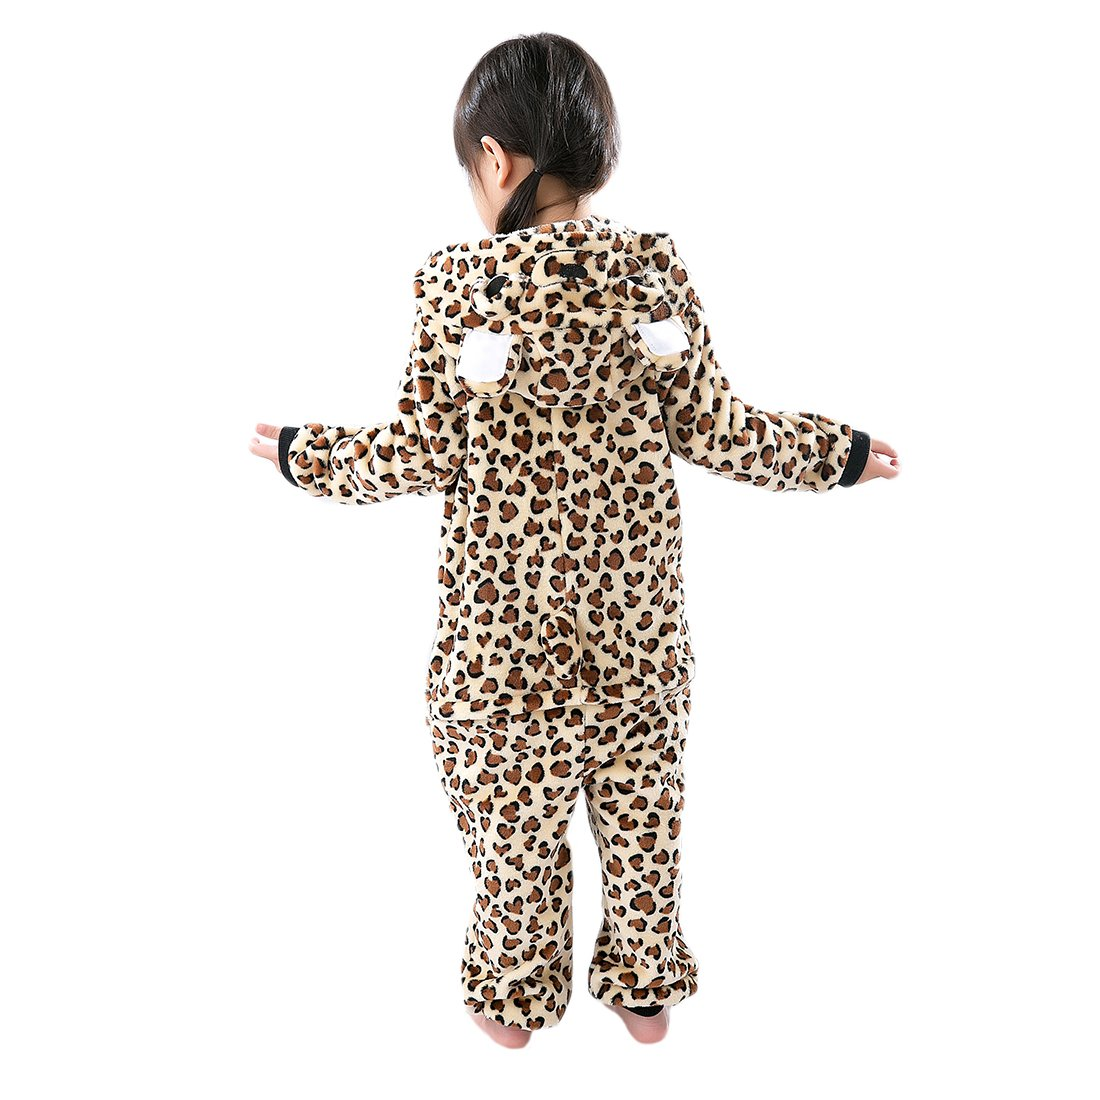 5237dccc06 DarkCom Niños Encantadores Sleepsuit Ropa De Dormir De Dibujos Animados De  Cosplay Mamelucos Pijama De Leopardo  Amazon.es  Ropa y accesorios